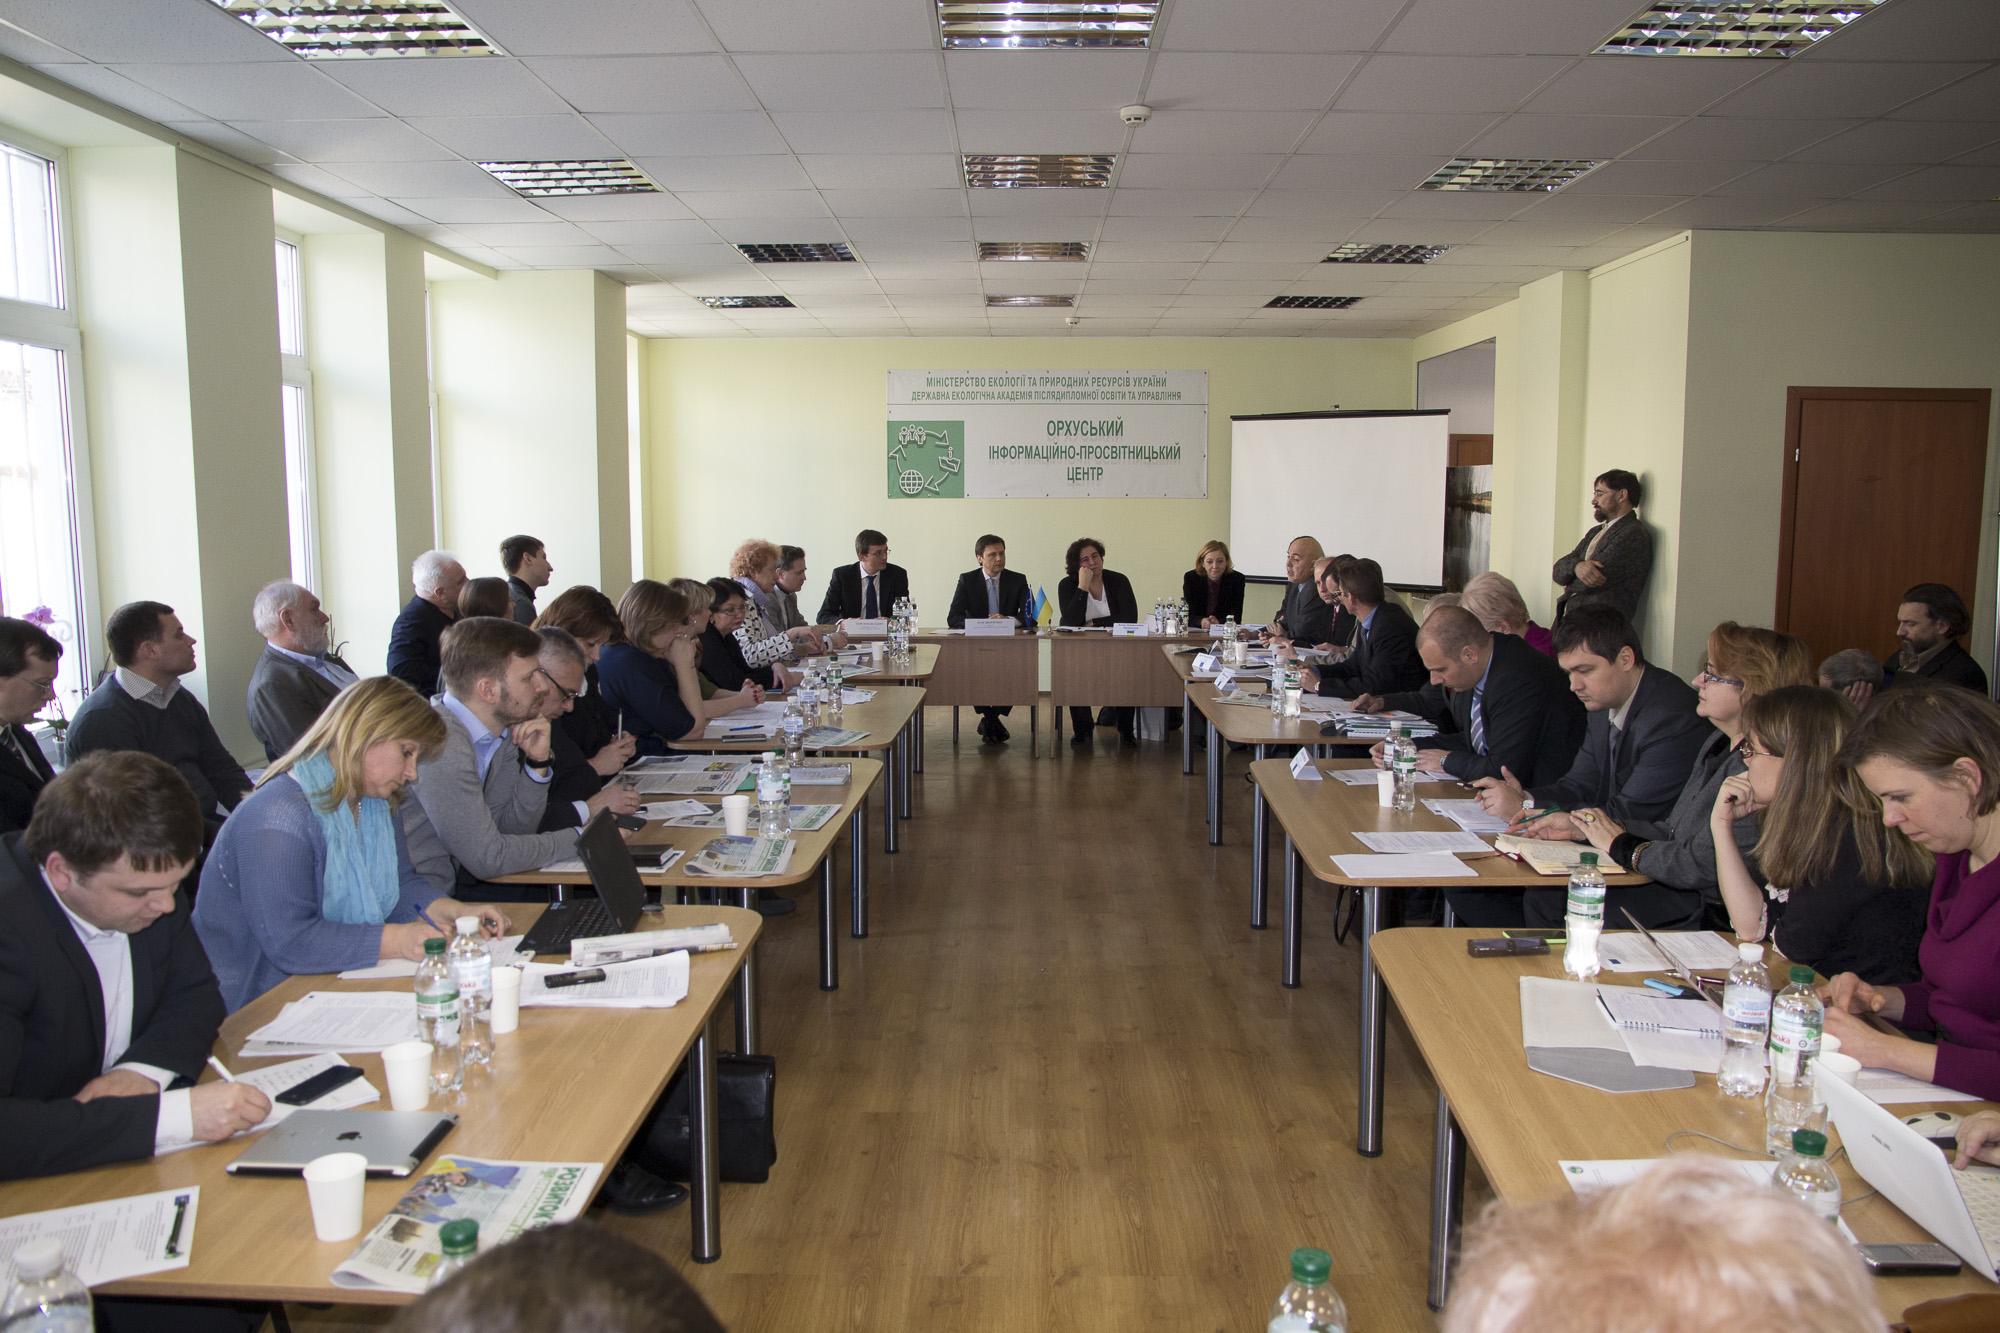 Делегація Європейського союзу зустрілася з представниками екологічної громадськості України